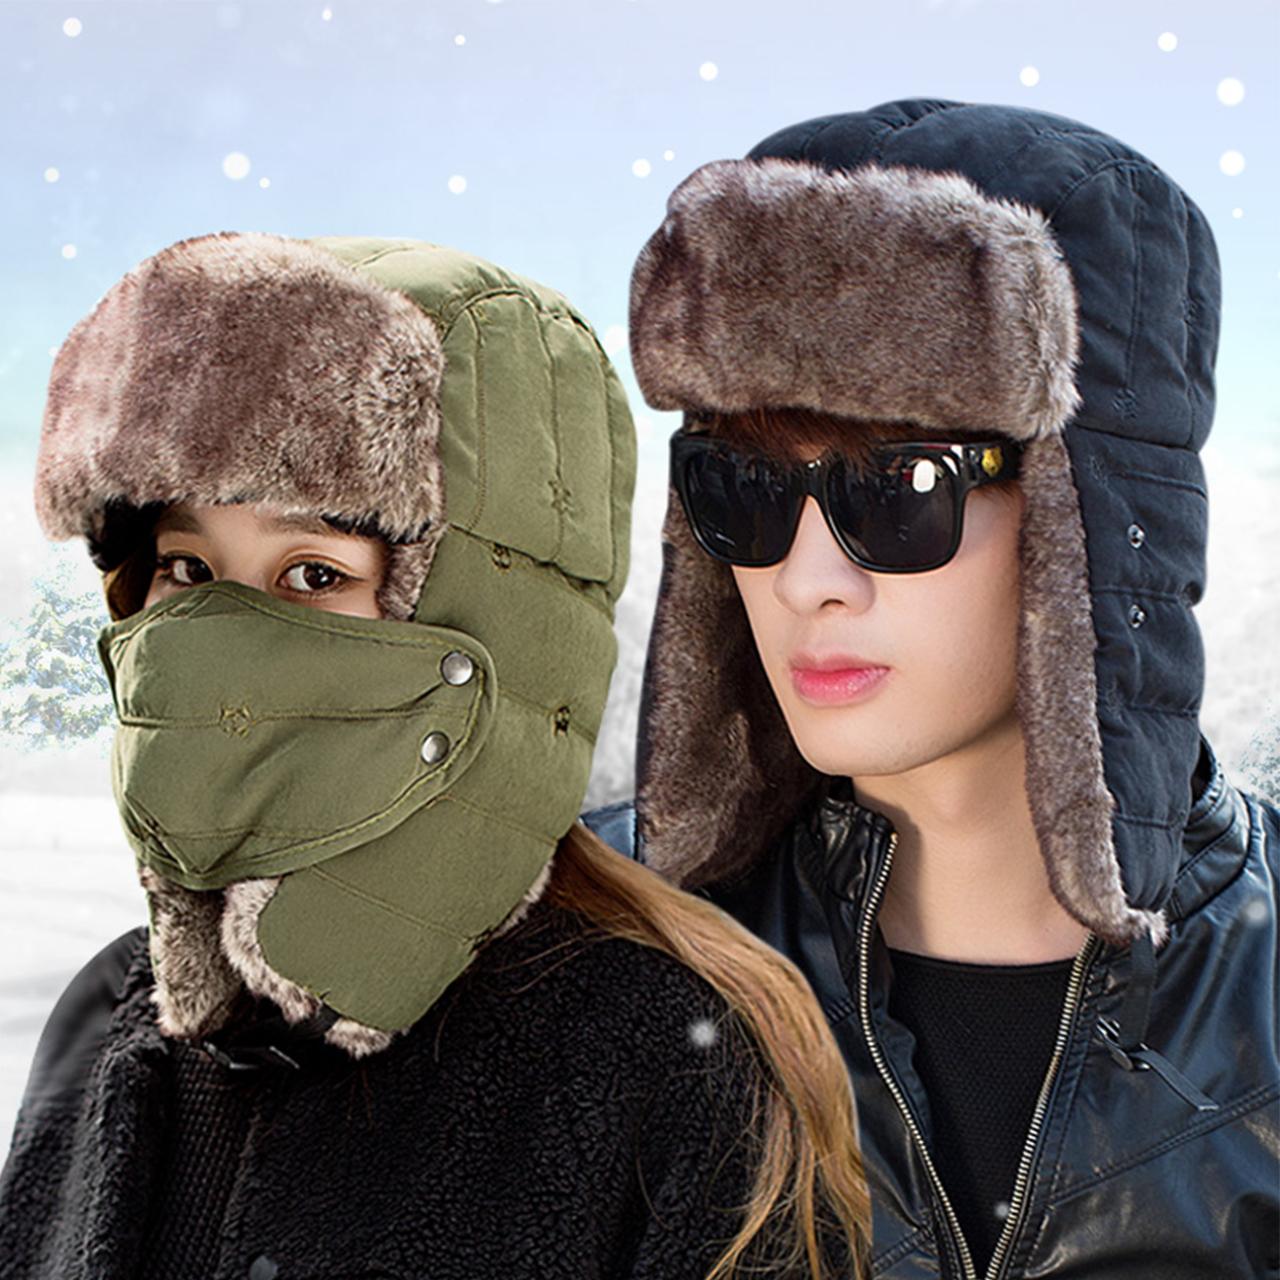 雷锋帽男帽子女冬季韩版东北防寒帽冬天骑车护耳加厚防风保暖棉帽